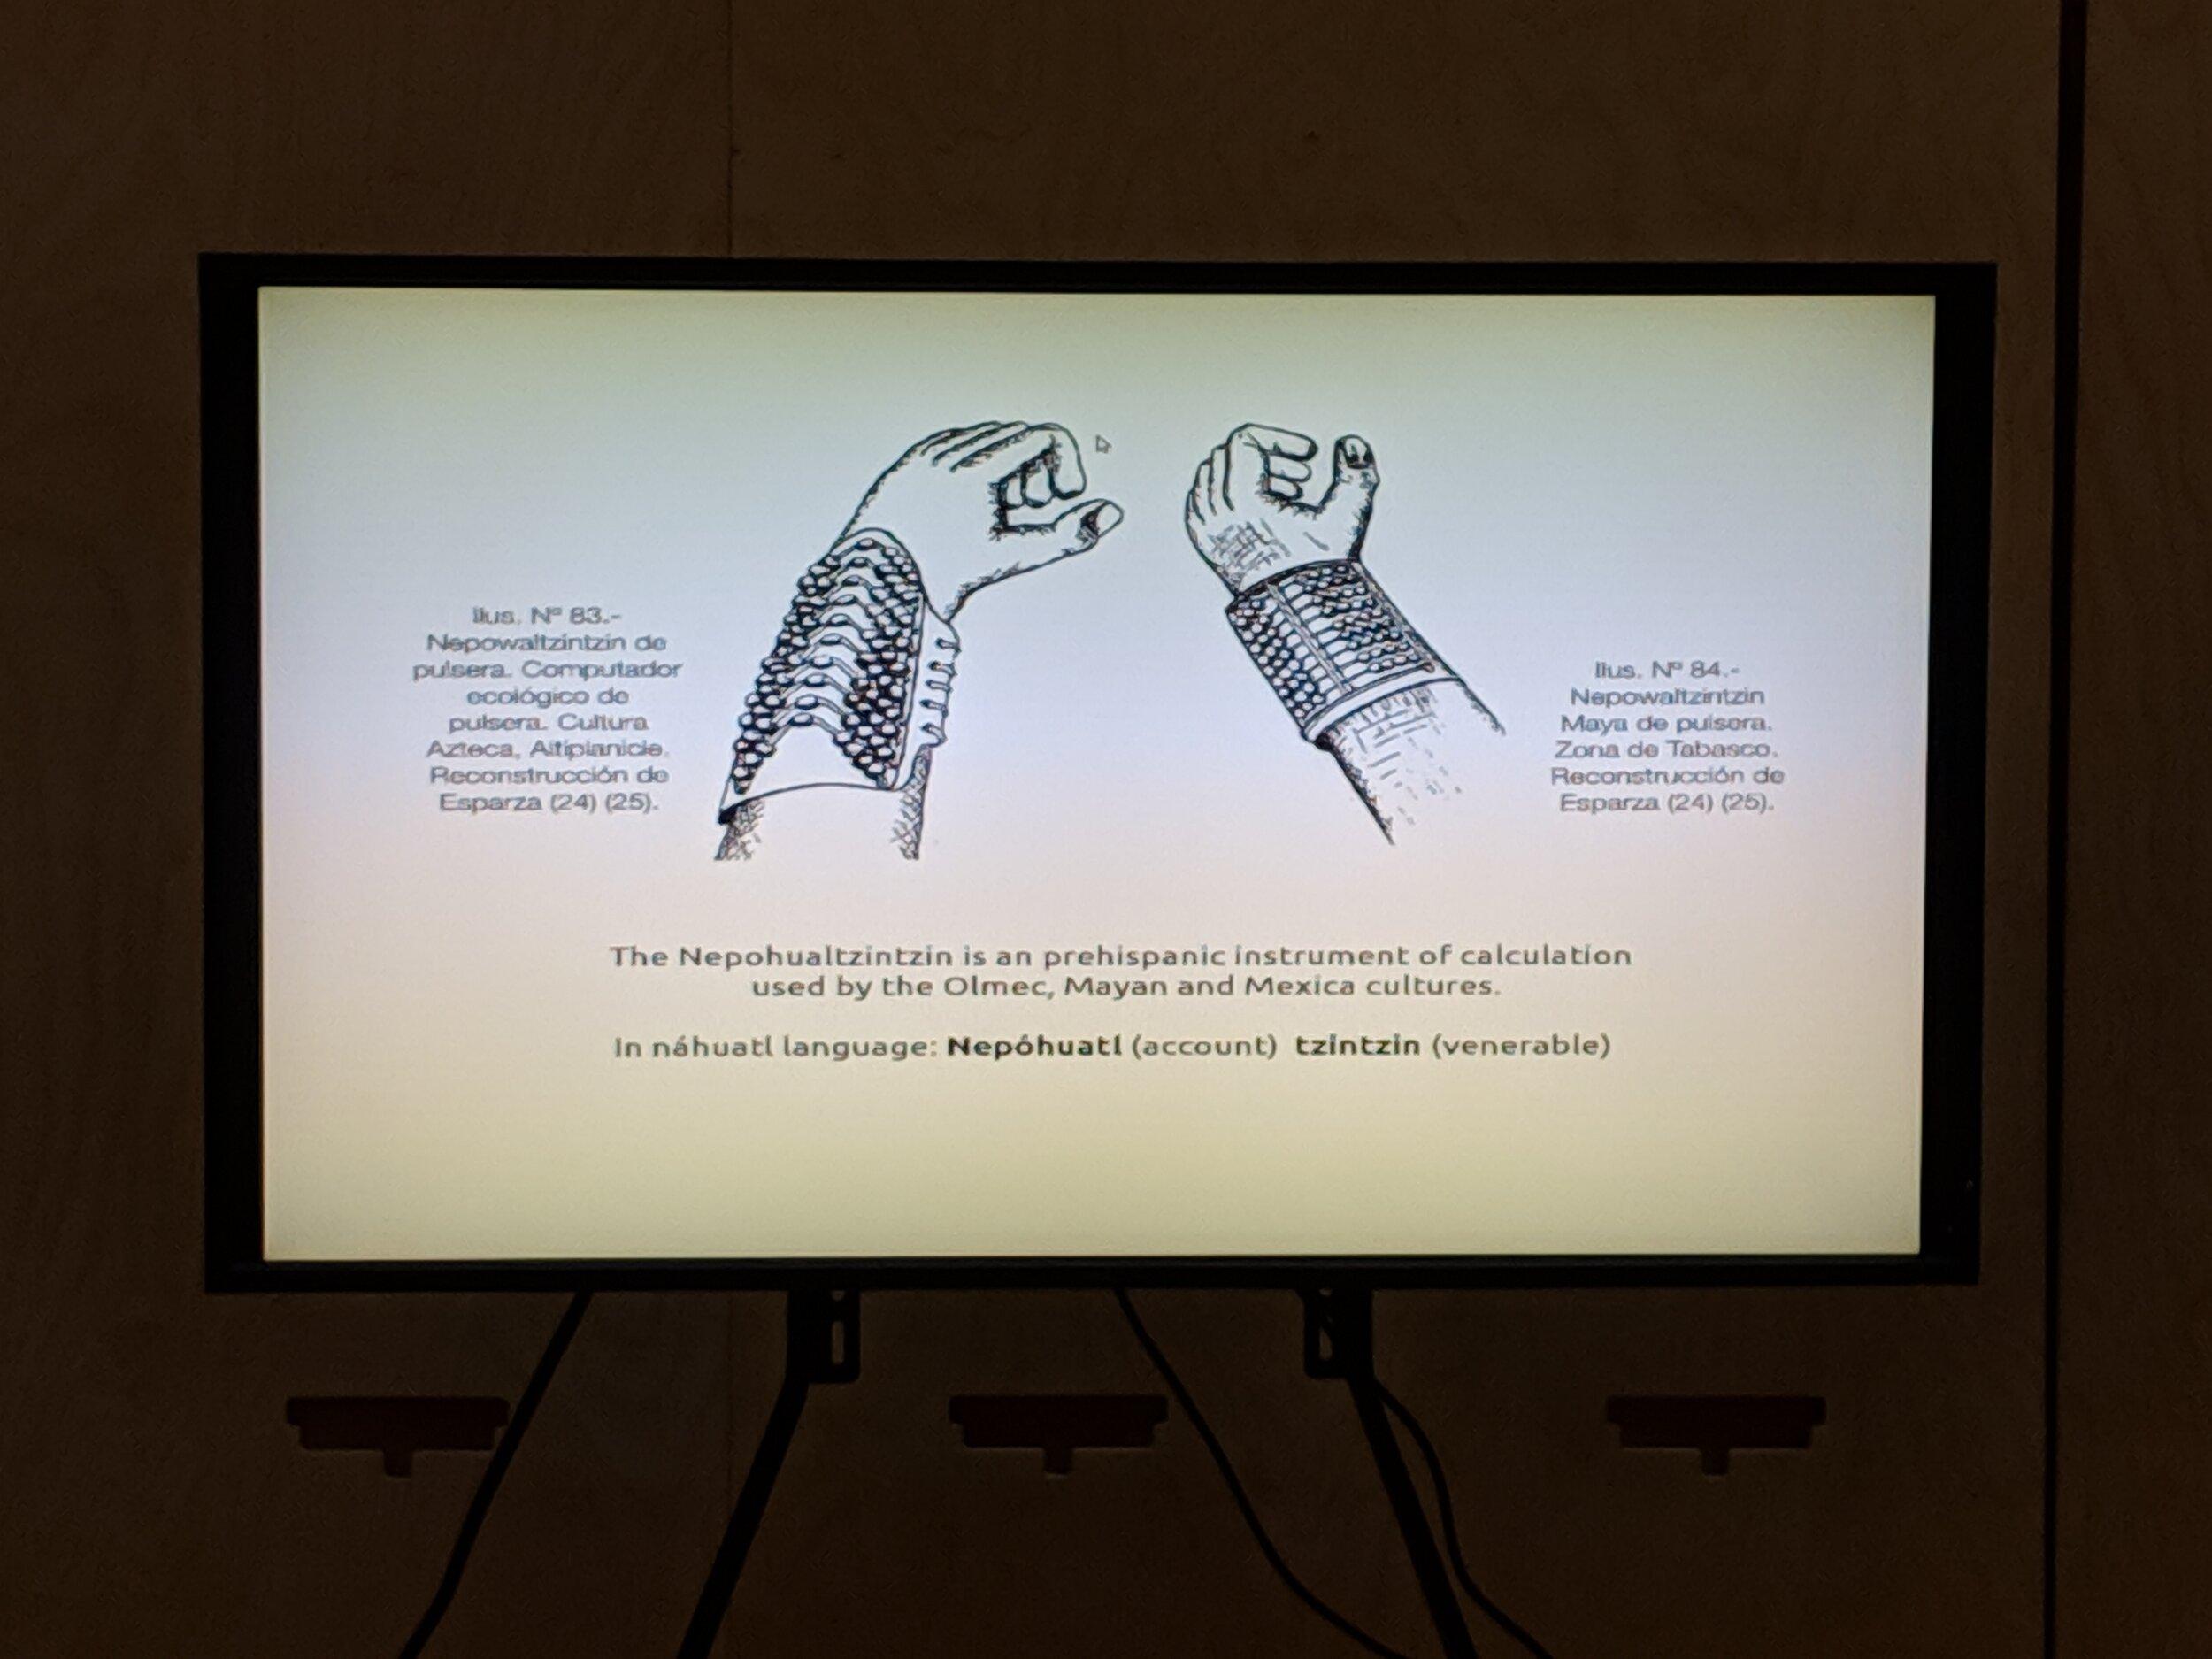 Prehispanic technologies that inspired Constanza's Piña' s  Khipu